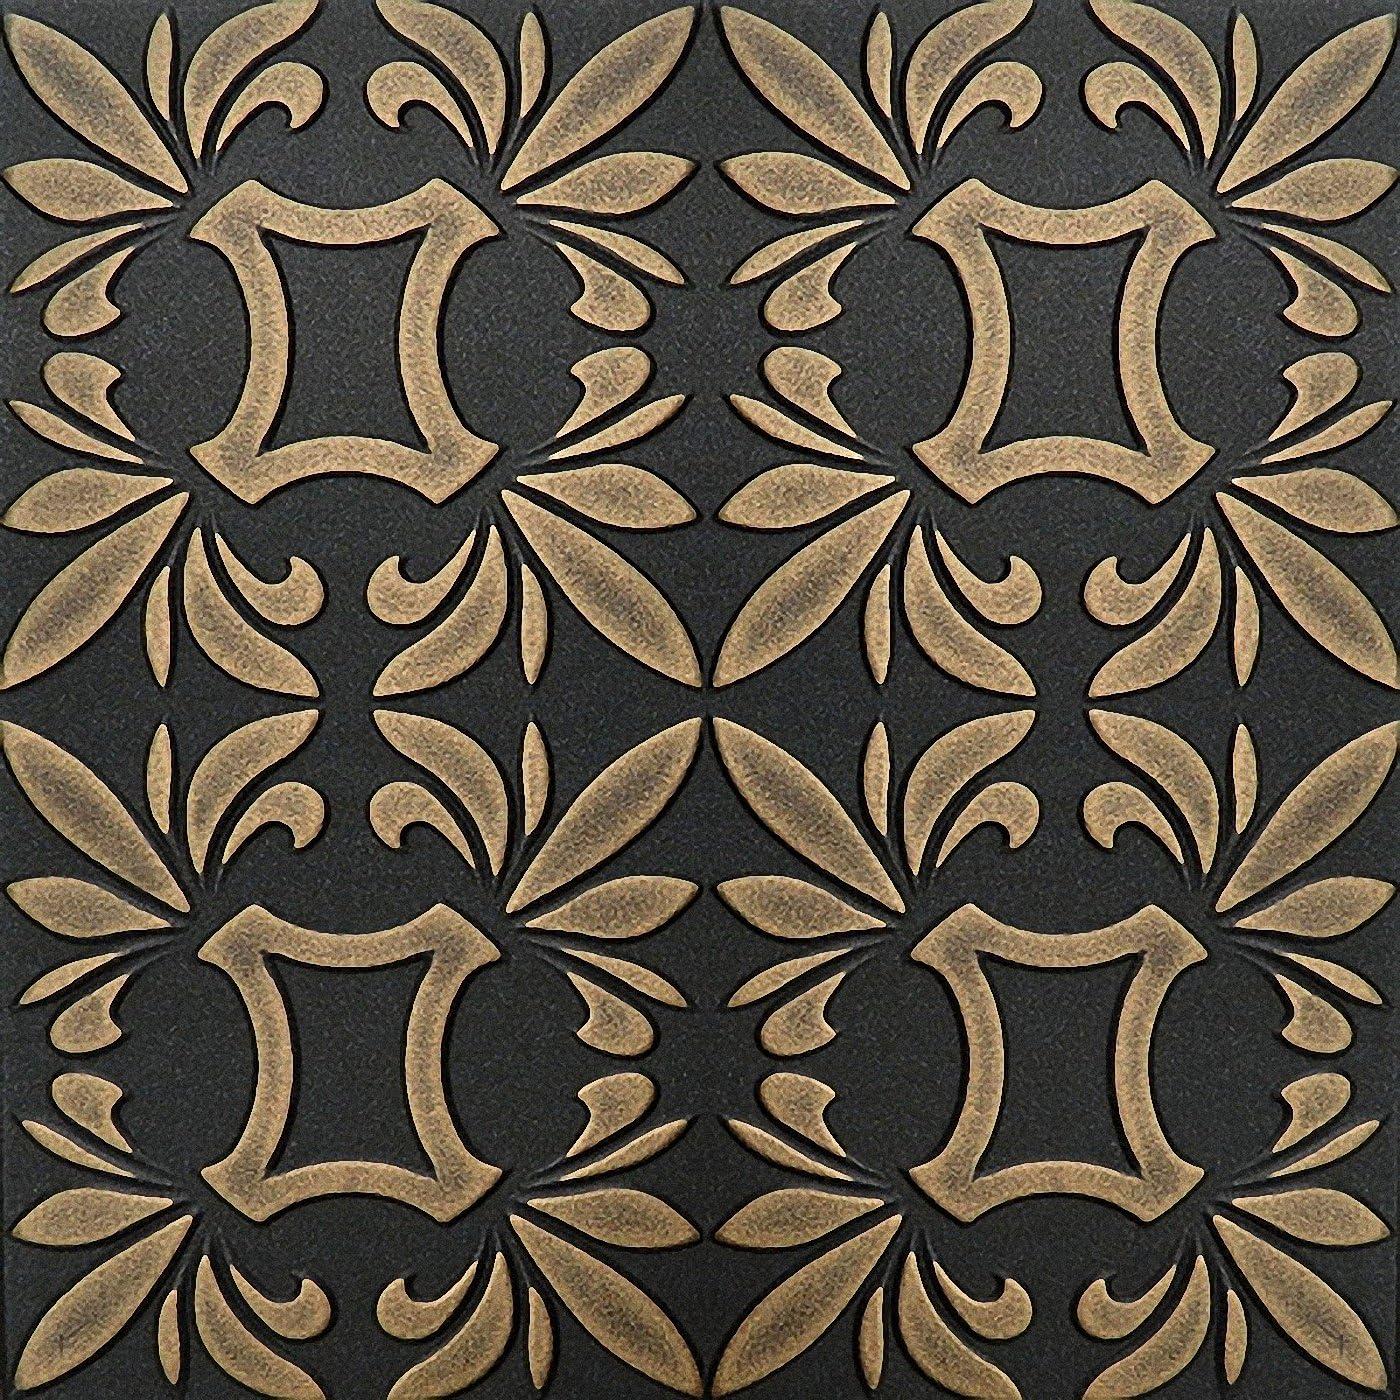 500 x 500 mm Peint /à la main en mousse polystyr/ène Dalles de plafond r/étro 112/Noir/ /Or